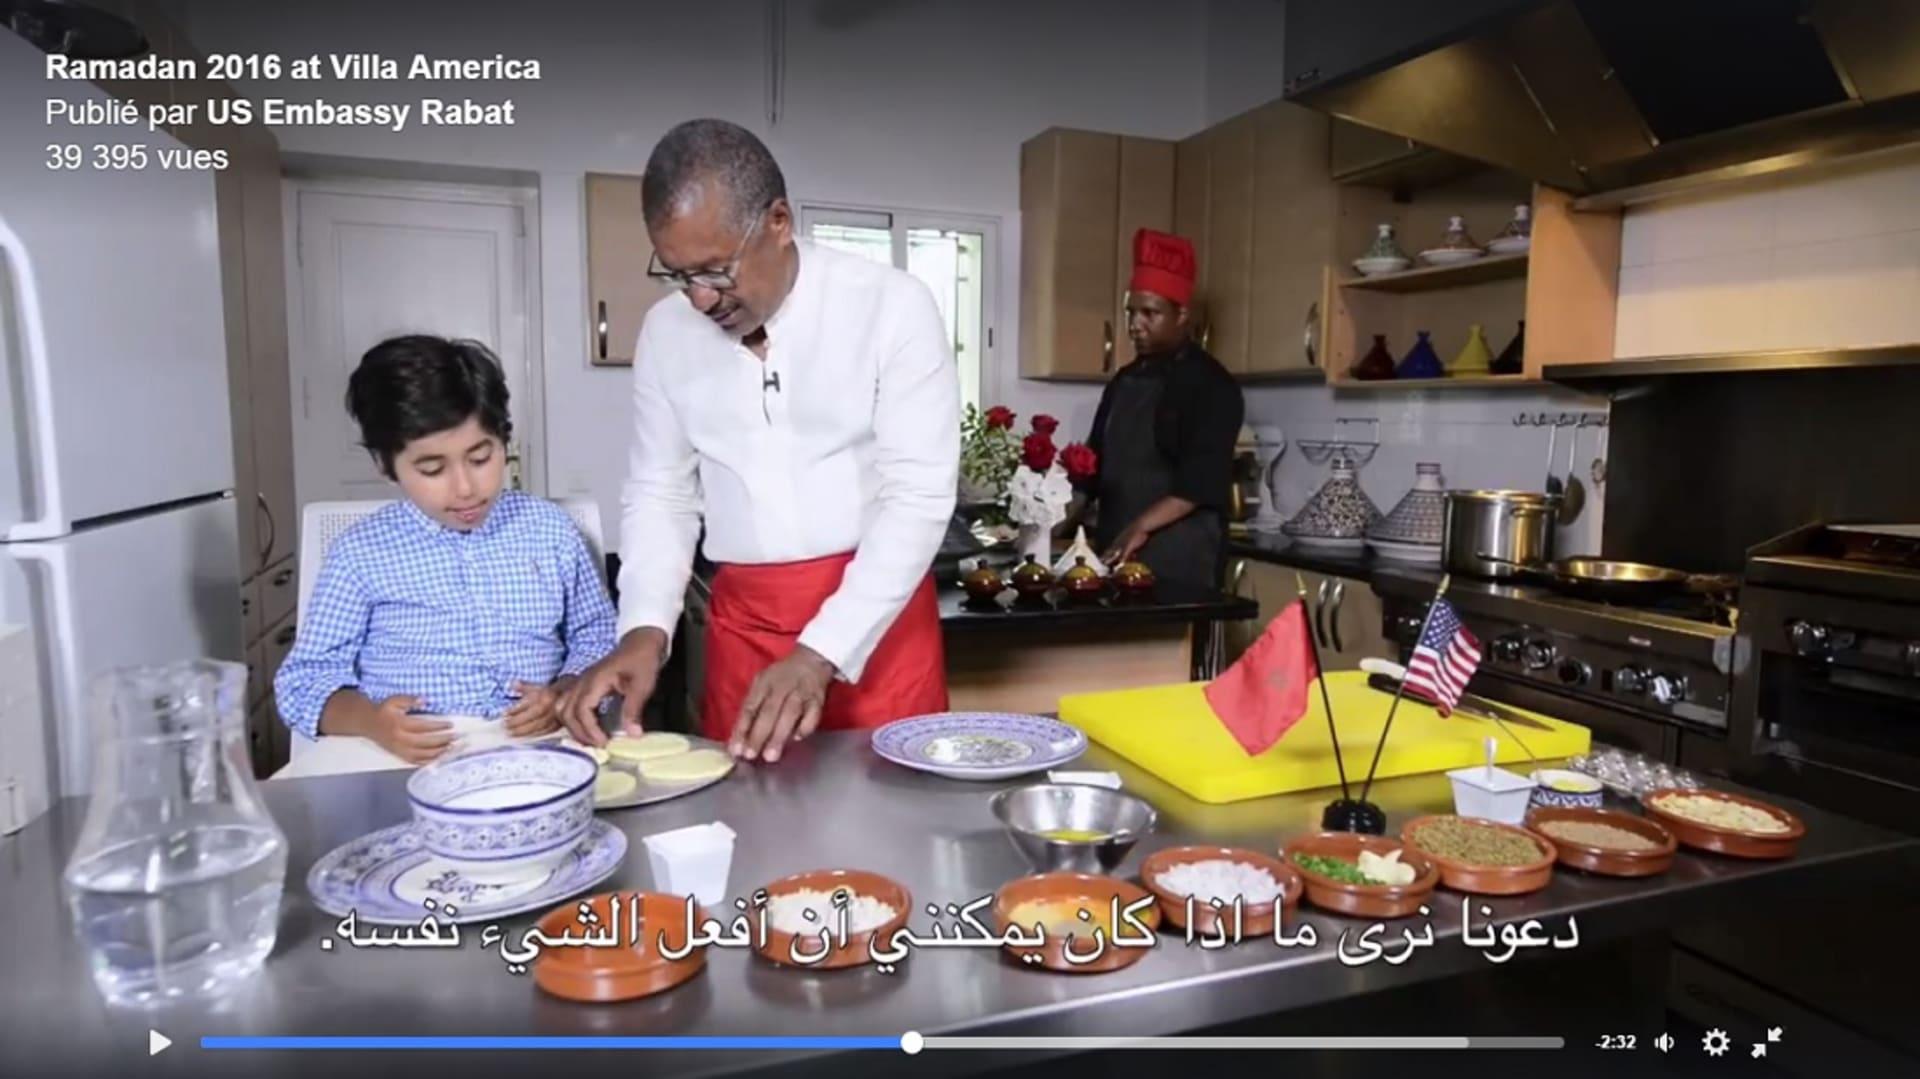 """بالفيديو.. السفير الأمريكي في المغرب يعدّ الطبق الشعبي """"الرفيسة"""""""